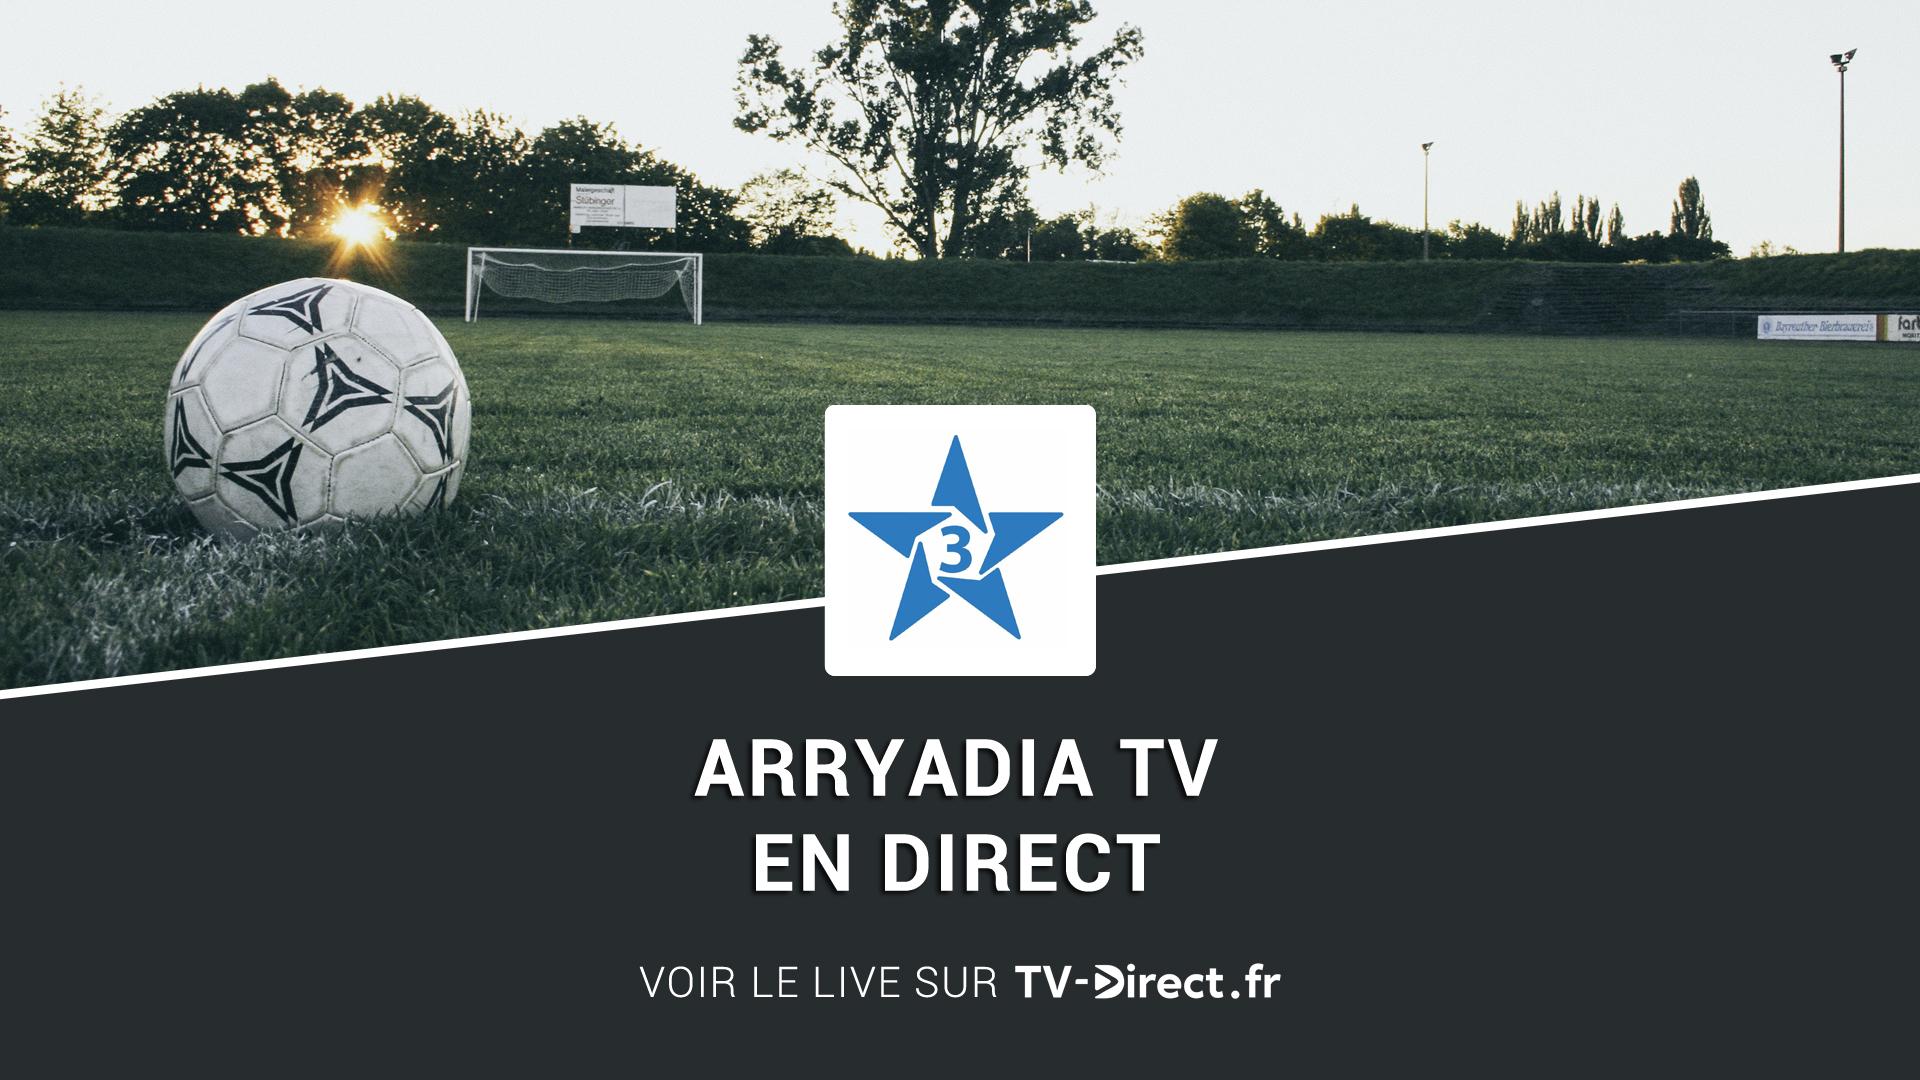 internet sur bbox tv - https://www.tv-direct.fr/assets/social/live/arryadia.jpg